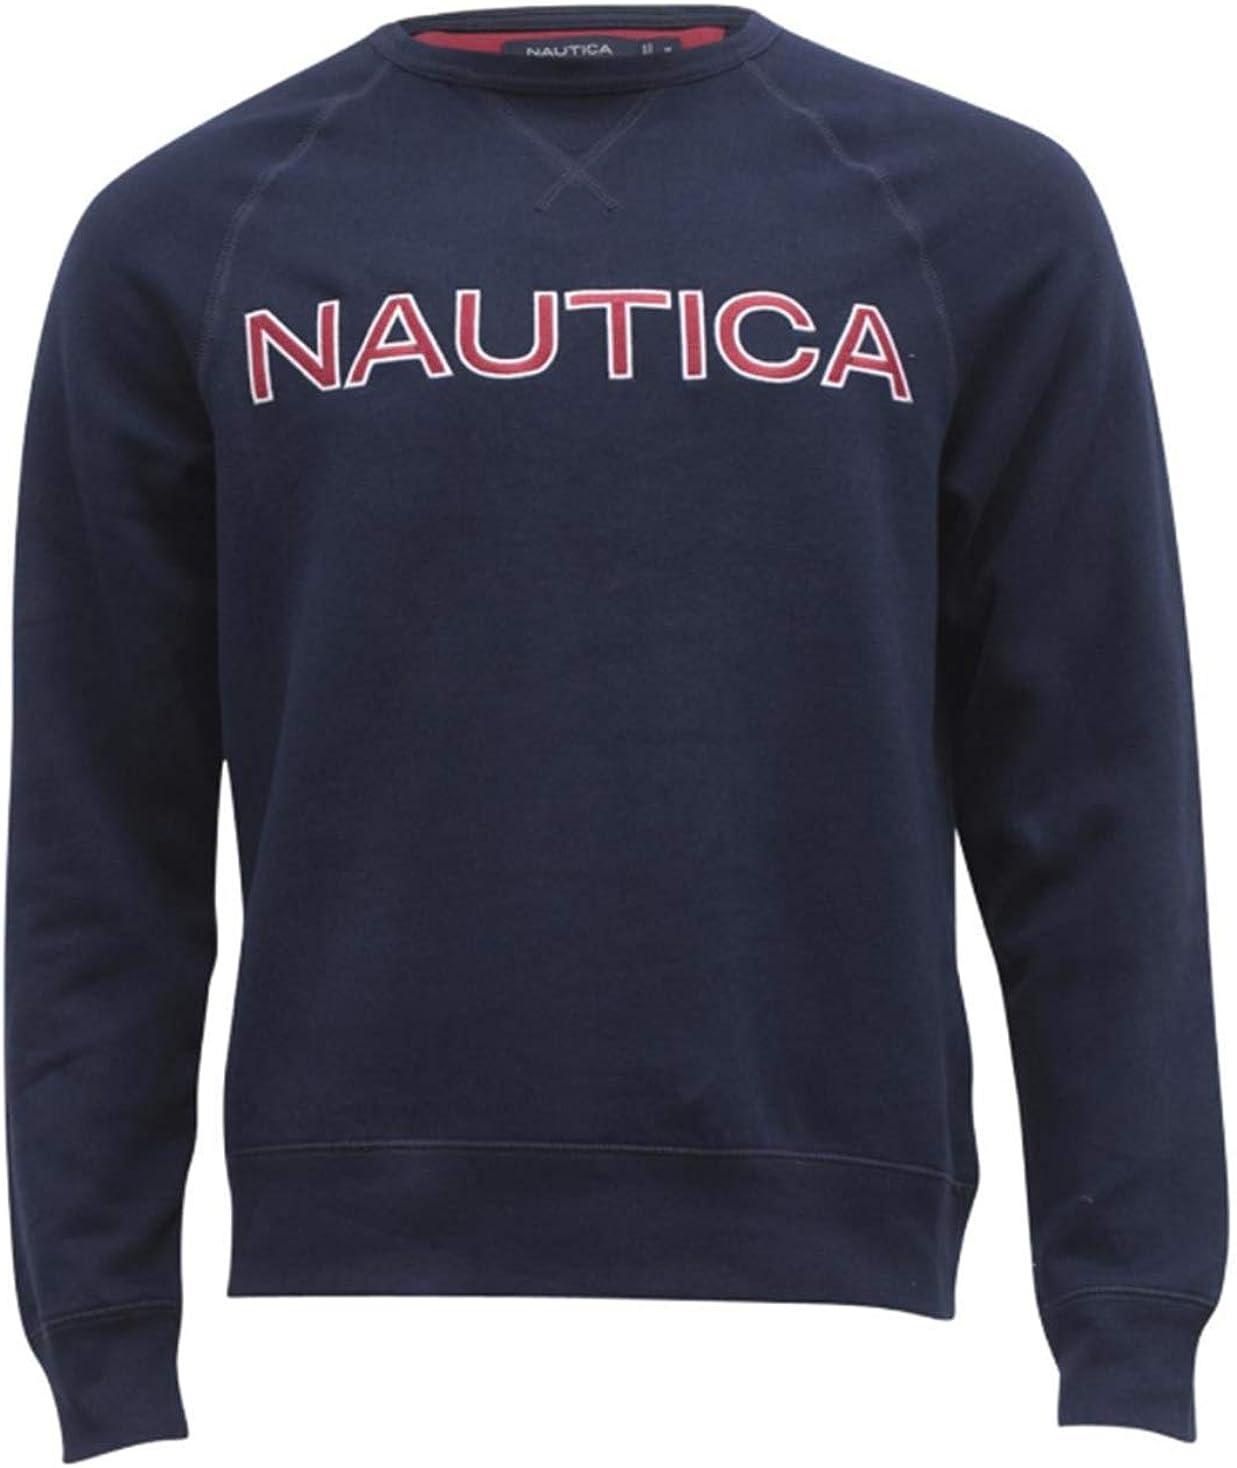 Nautica Men's Fleece キャンペーンもお見逃しなく 激安通販販売 Long Crew Neck Sweatshirt Sleeve